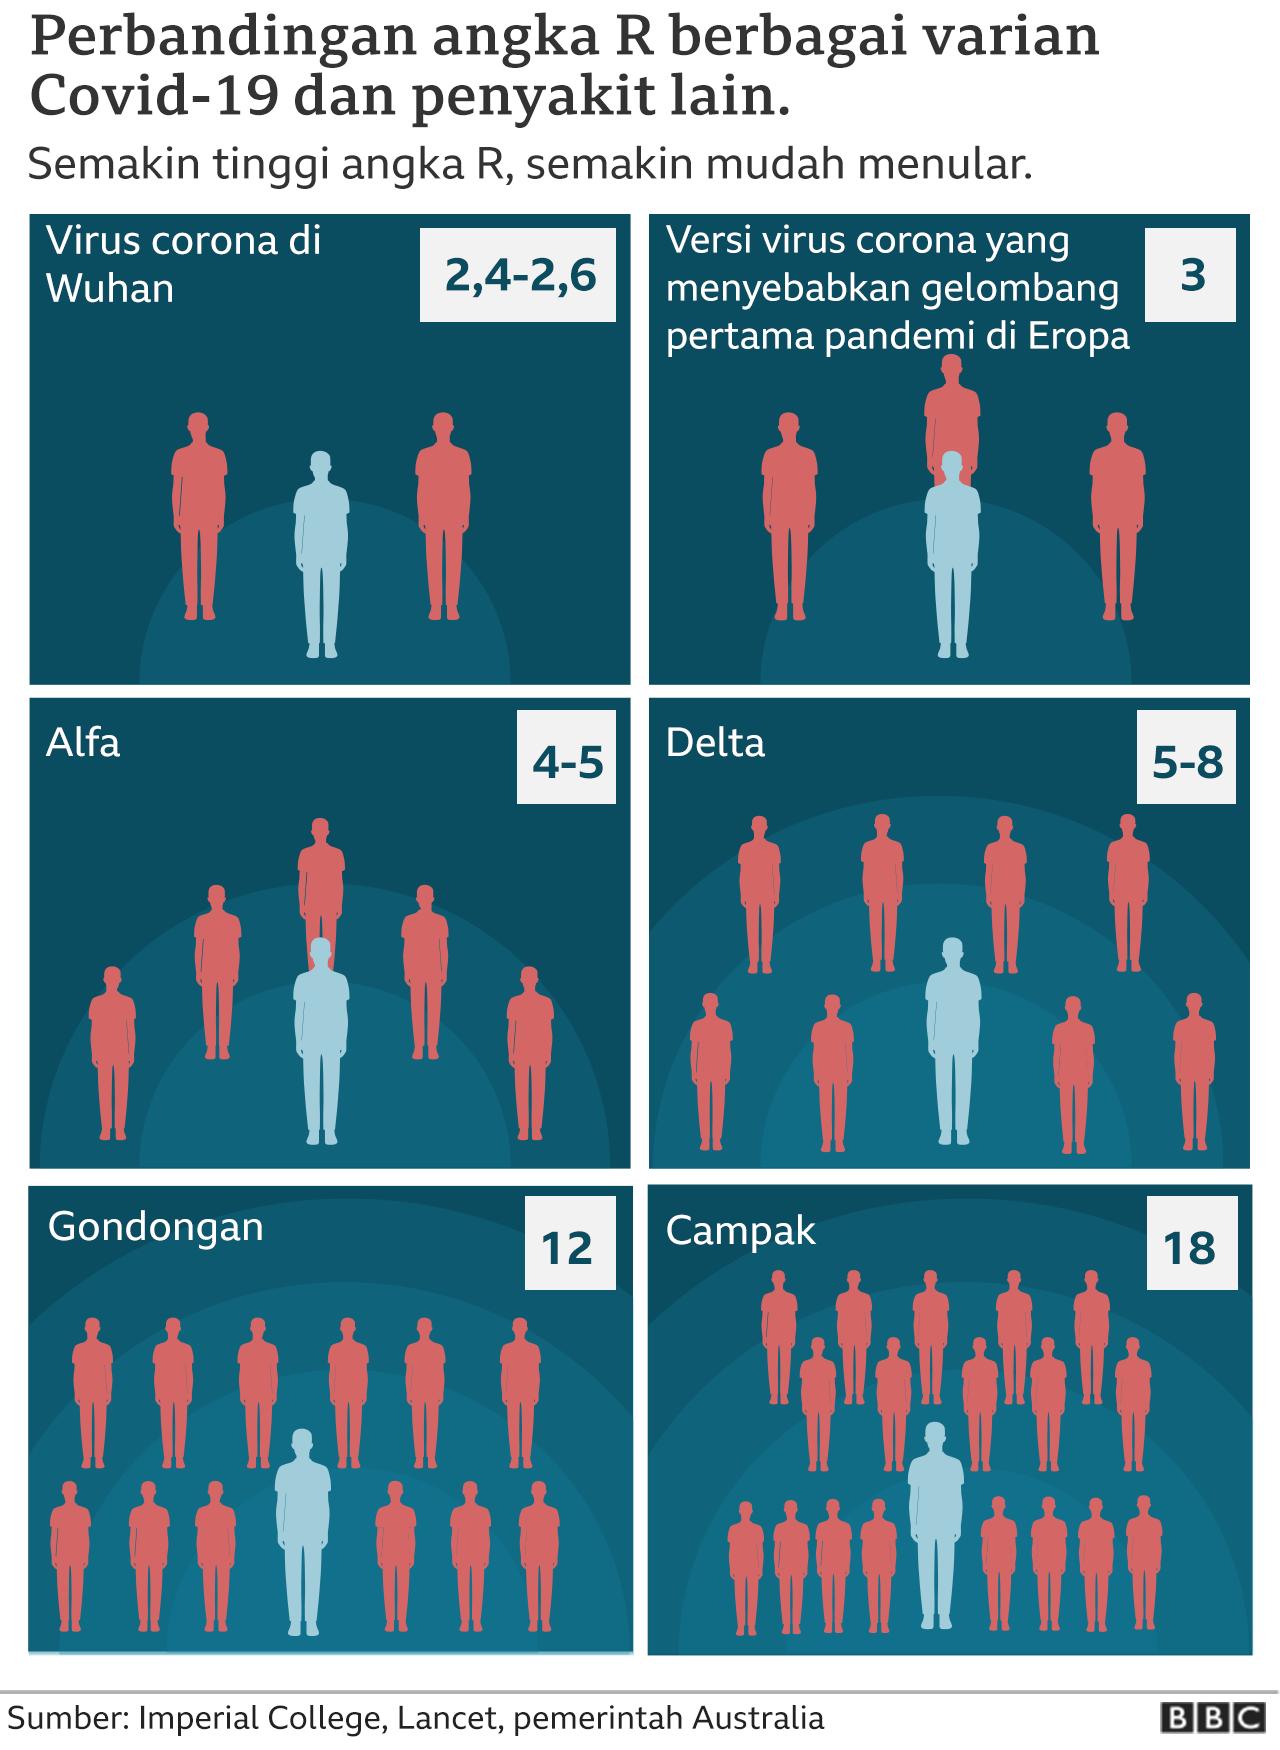 Perbandingan angka R berbagai varian Covid-19, dibandingkan penyakit lain.